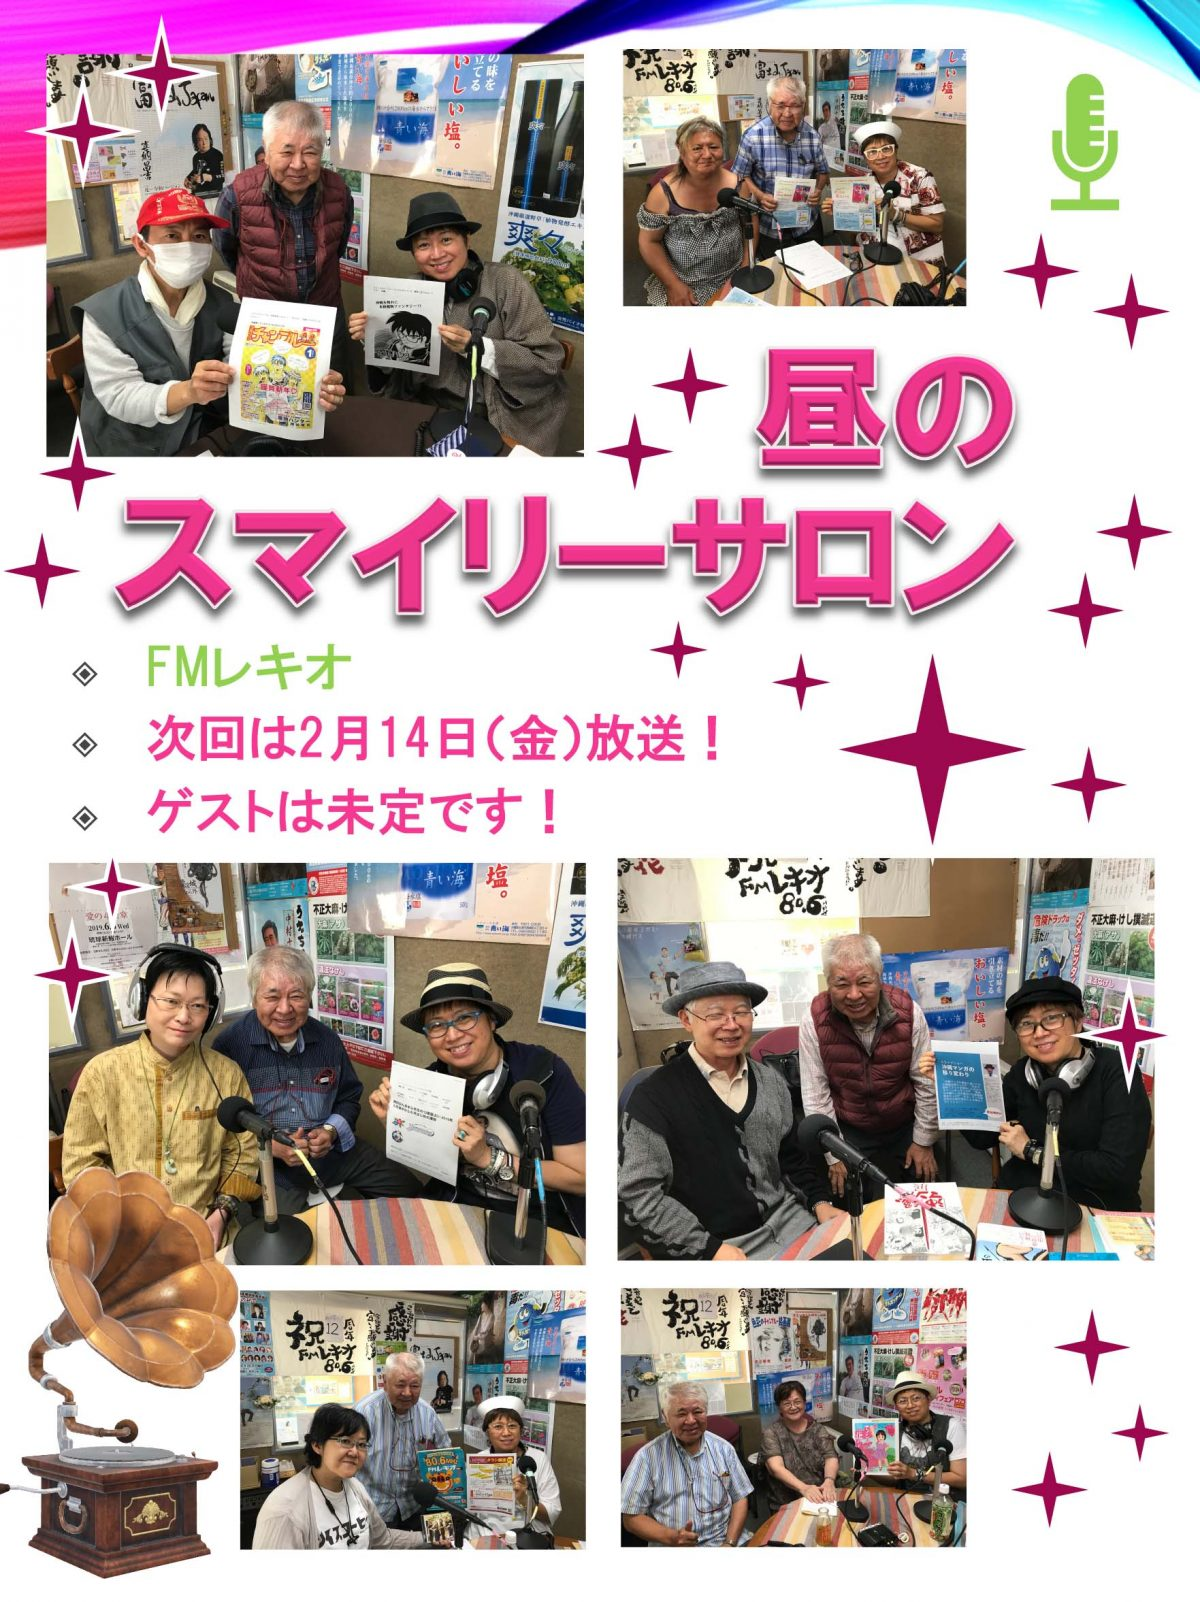 『昼のスマイリーサロン』1月22日(水)はゲストが神谷竜司先生でした! 次回2月14日(金)はゲスト未定です!